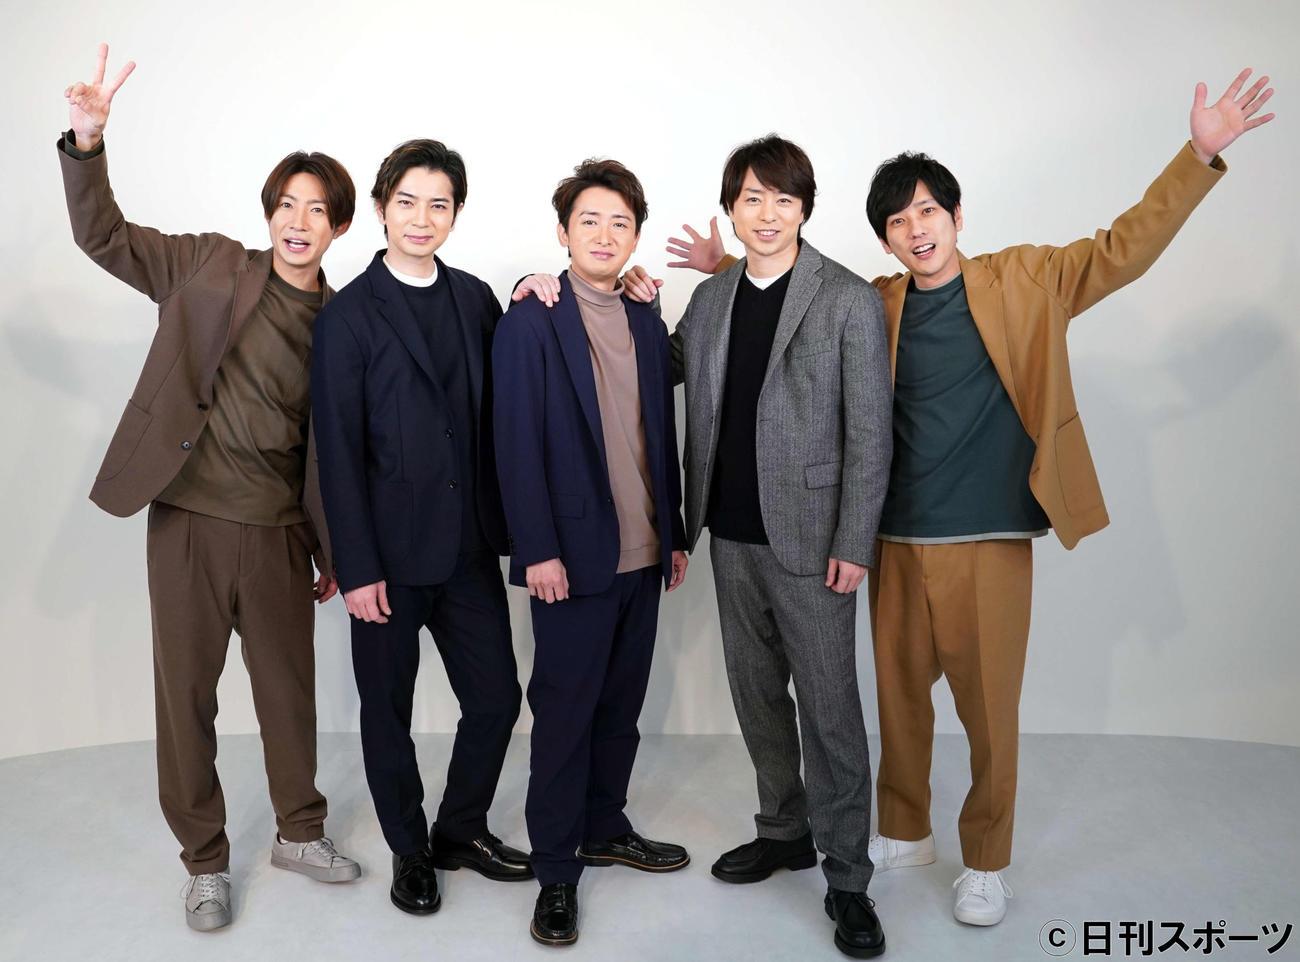 笑顔を見せる嵐のメンバー。左から相葉雅紀、松本潤、大野智、櫻井翔、二宮和也(撮影・江口和貴)